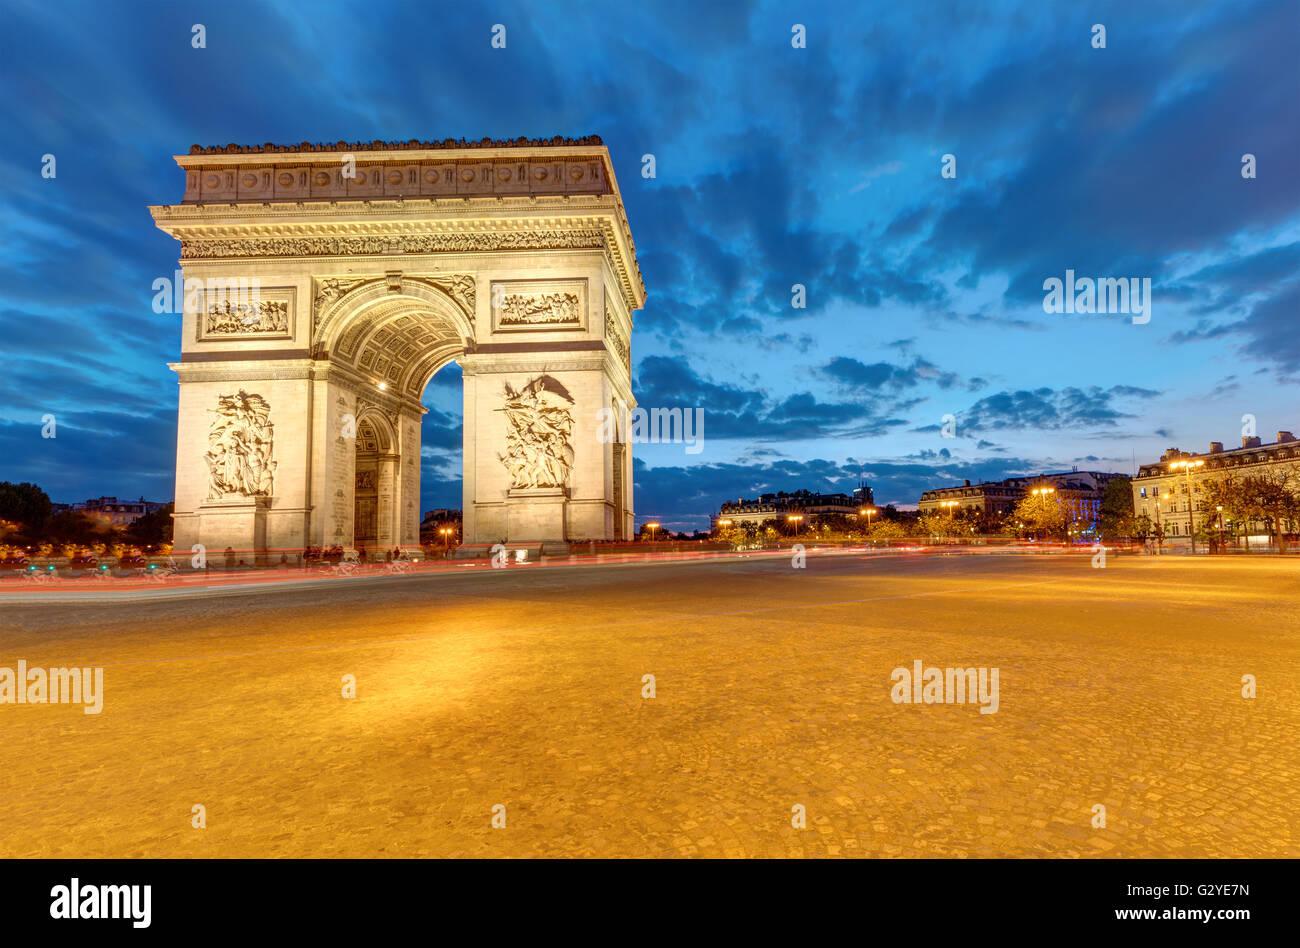 Il famoso Arc de Triomphe a Parigi all'alba Immagini Stock